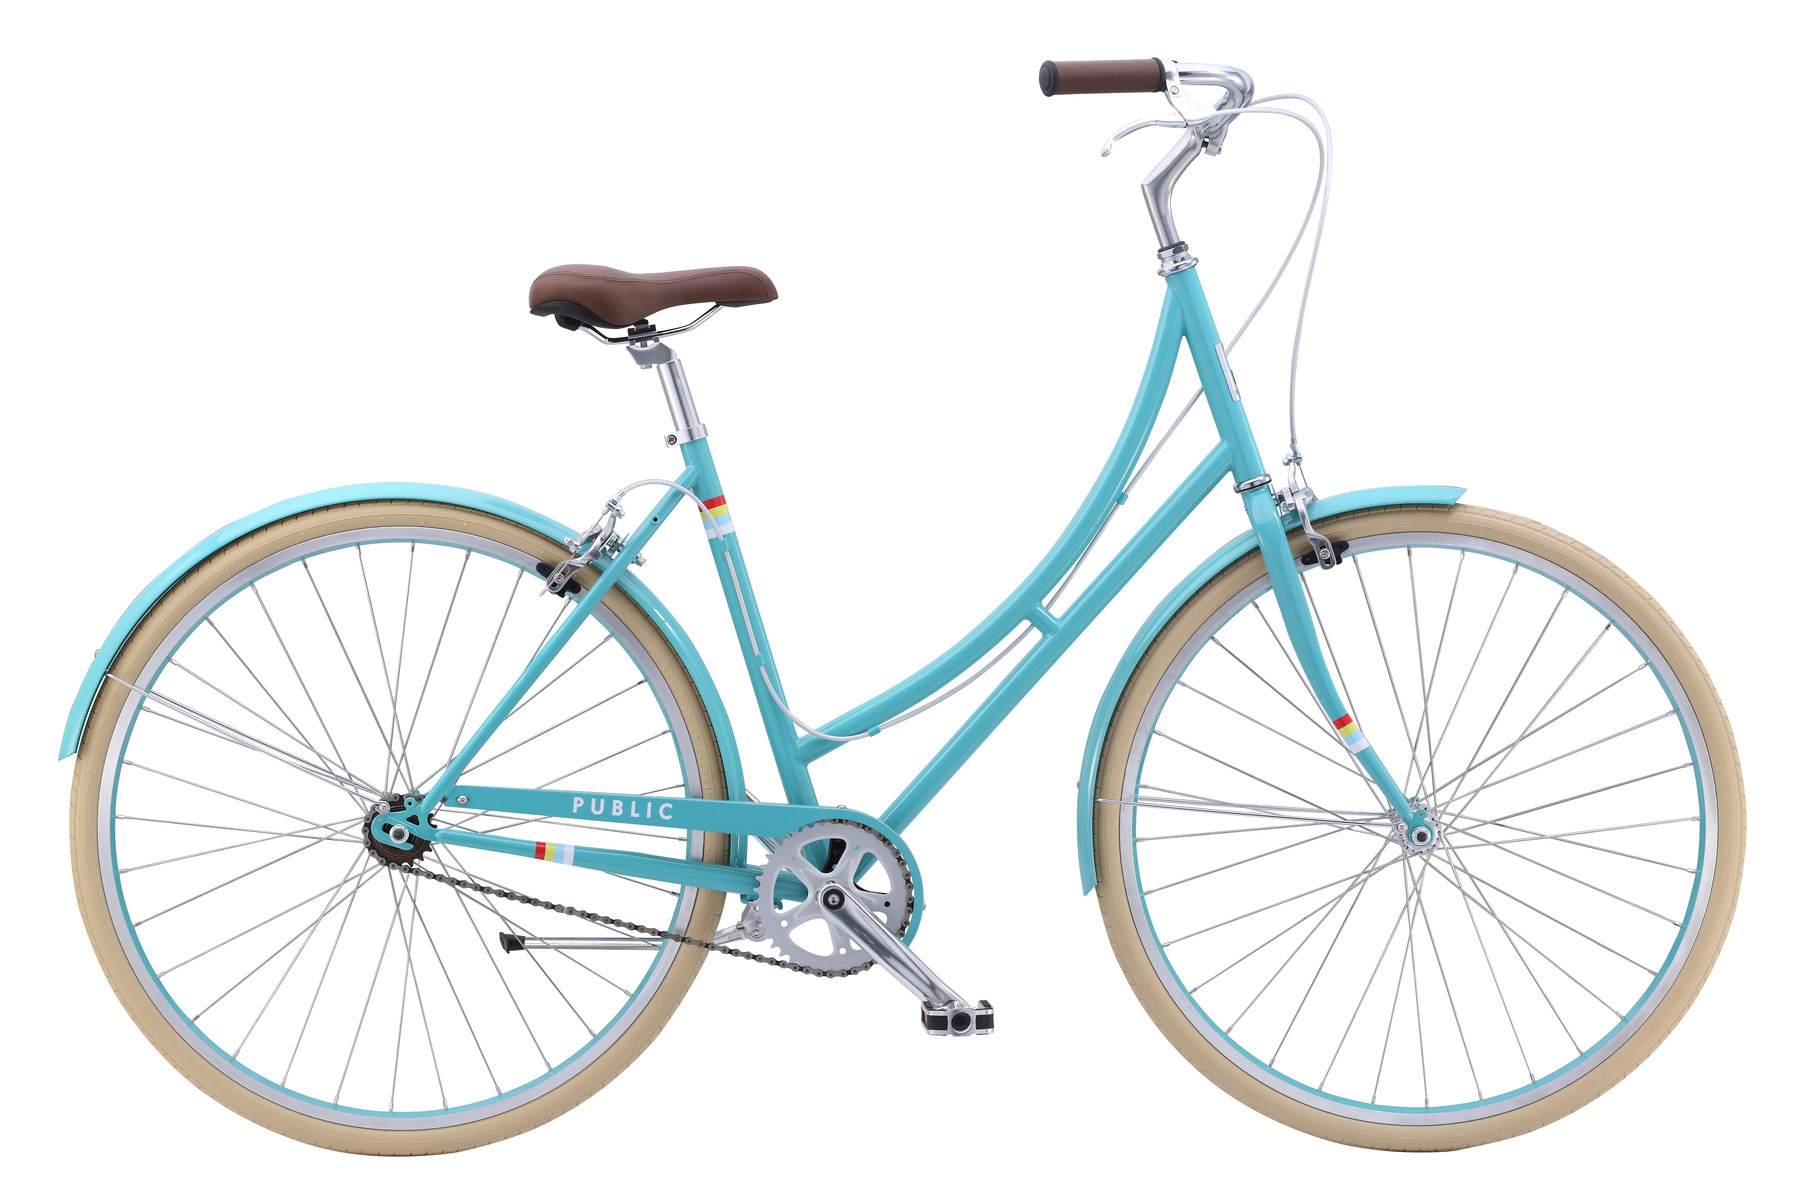 <b>Public Bikes</b>